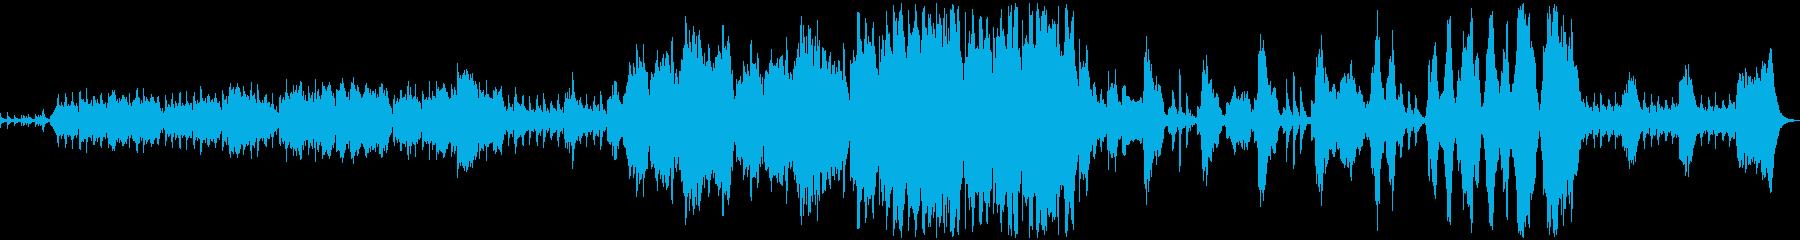 ゲーム フィールド 軍隊行進曲の再生済みの波形